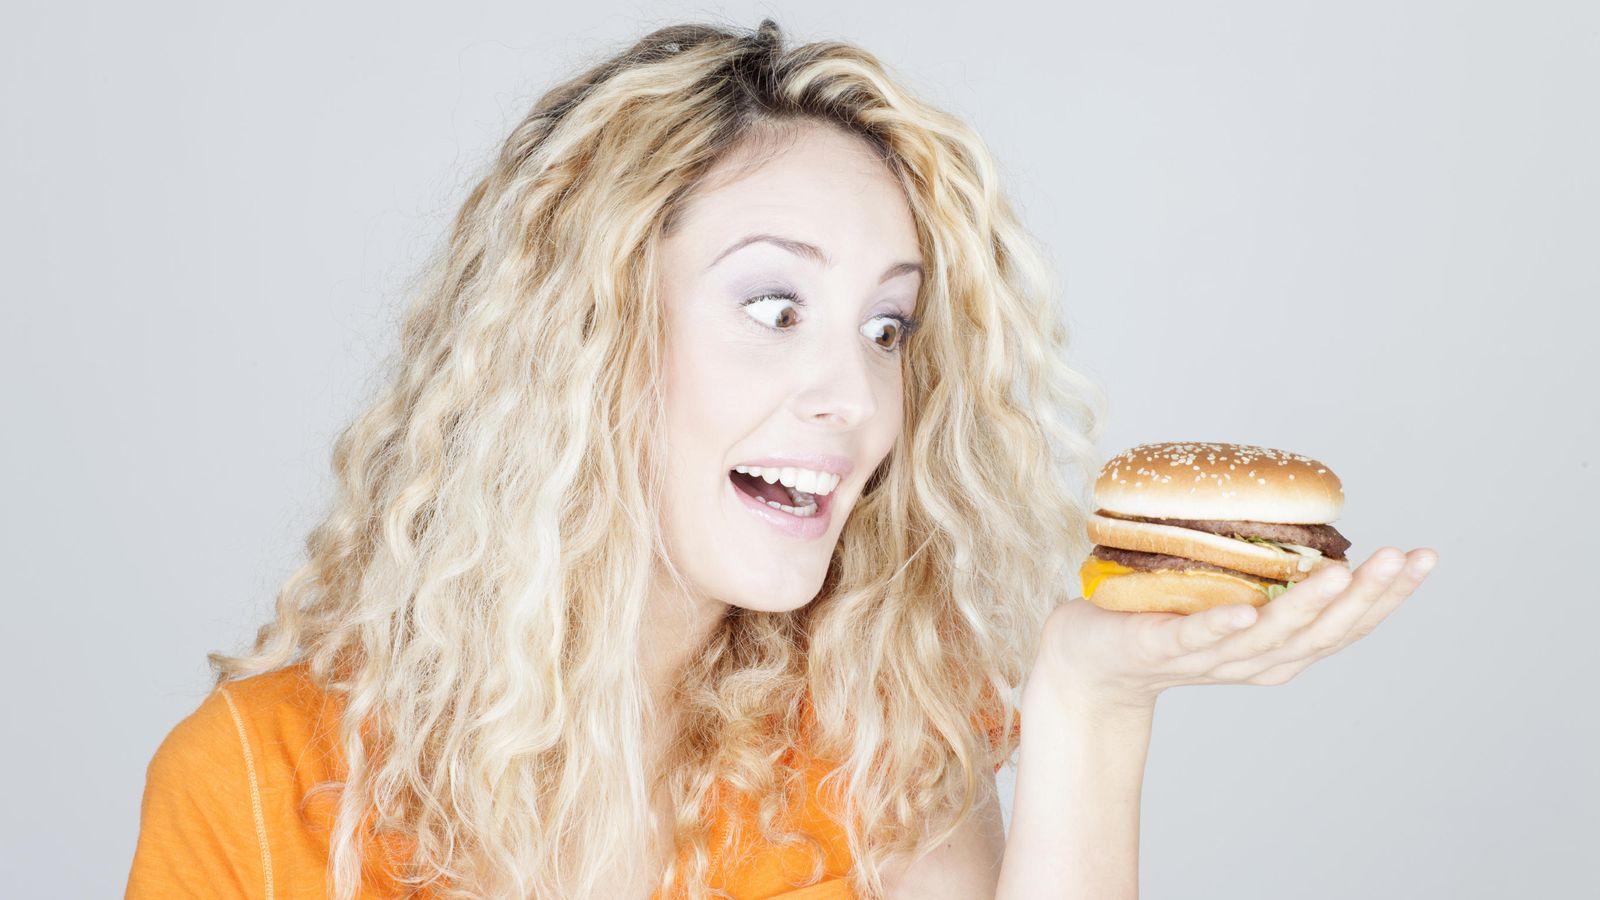 Foto: Tampoco montes un drama, simplemente toma nota y piensa si te compensa comerlas a menudo. (iStock)